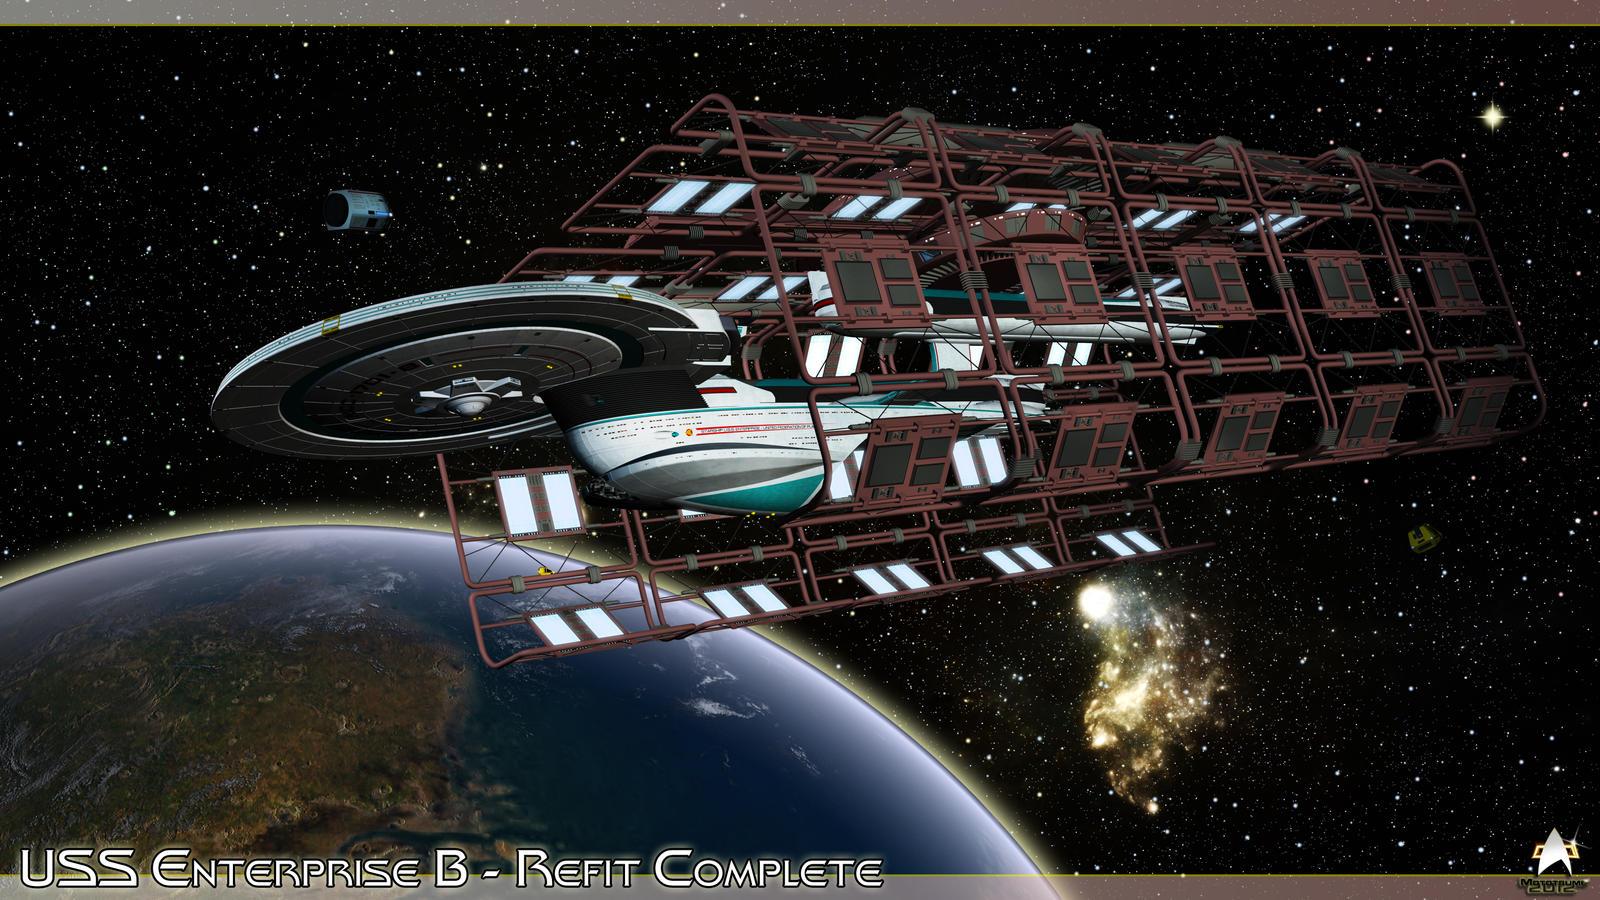 USS Enterprise B - Refit Complete by MotoTsume